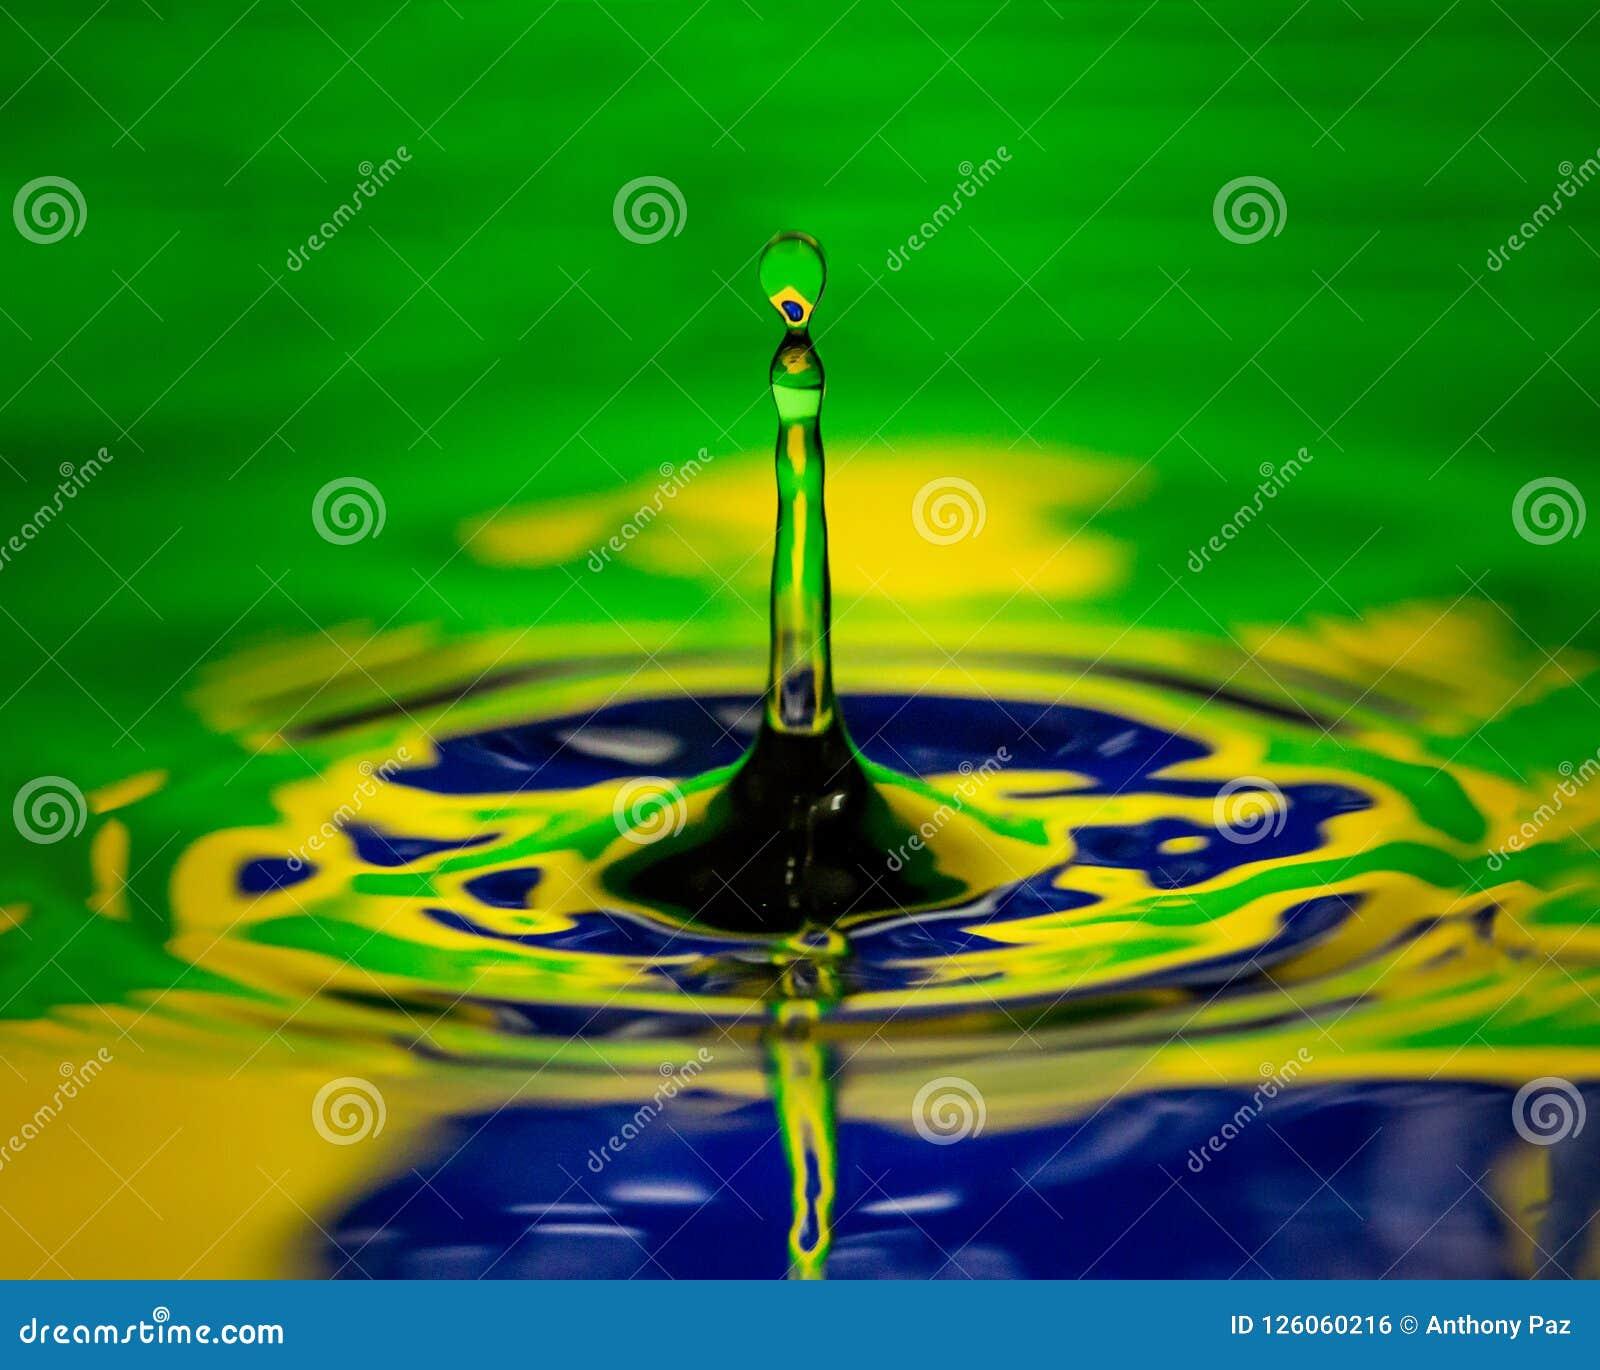 Στενή μακρο σημαία σταλαγματιάς νερού της Βραζιλίας της χώρας